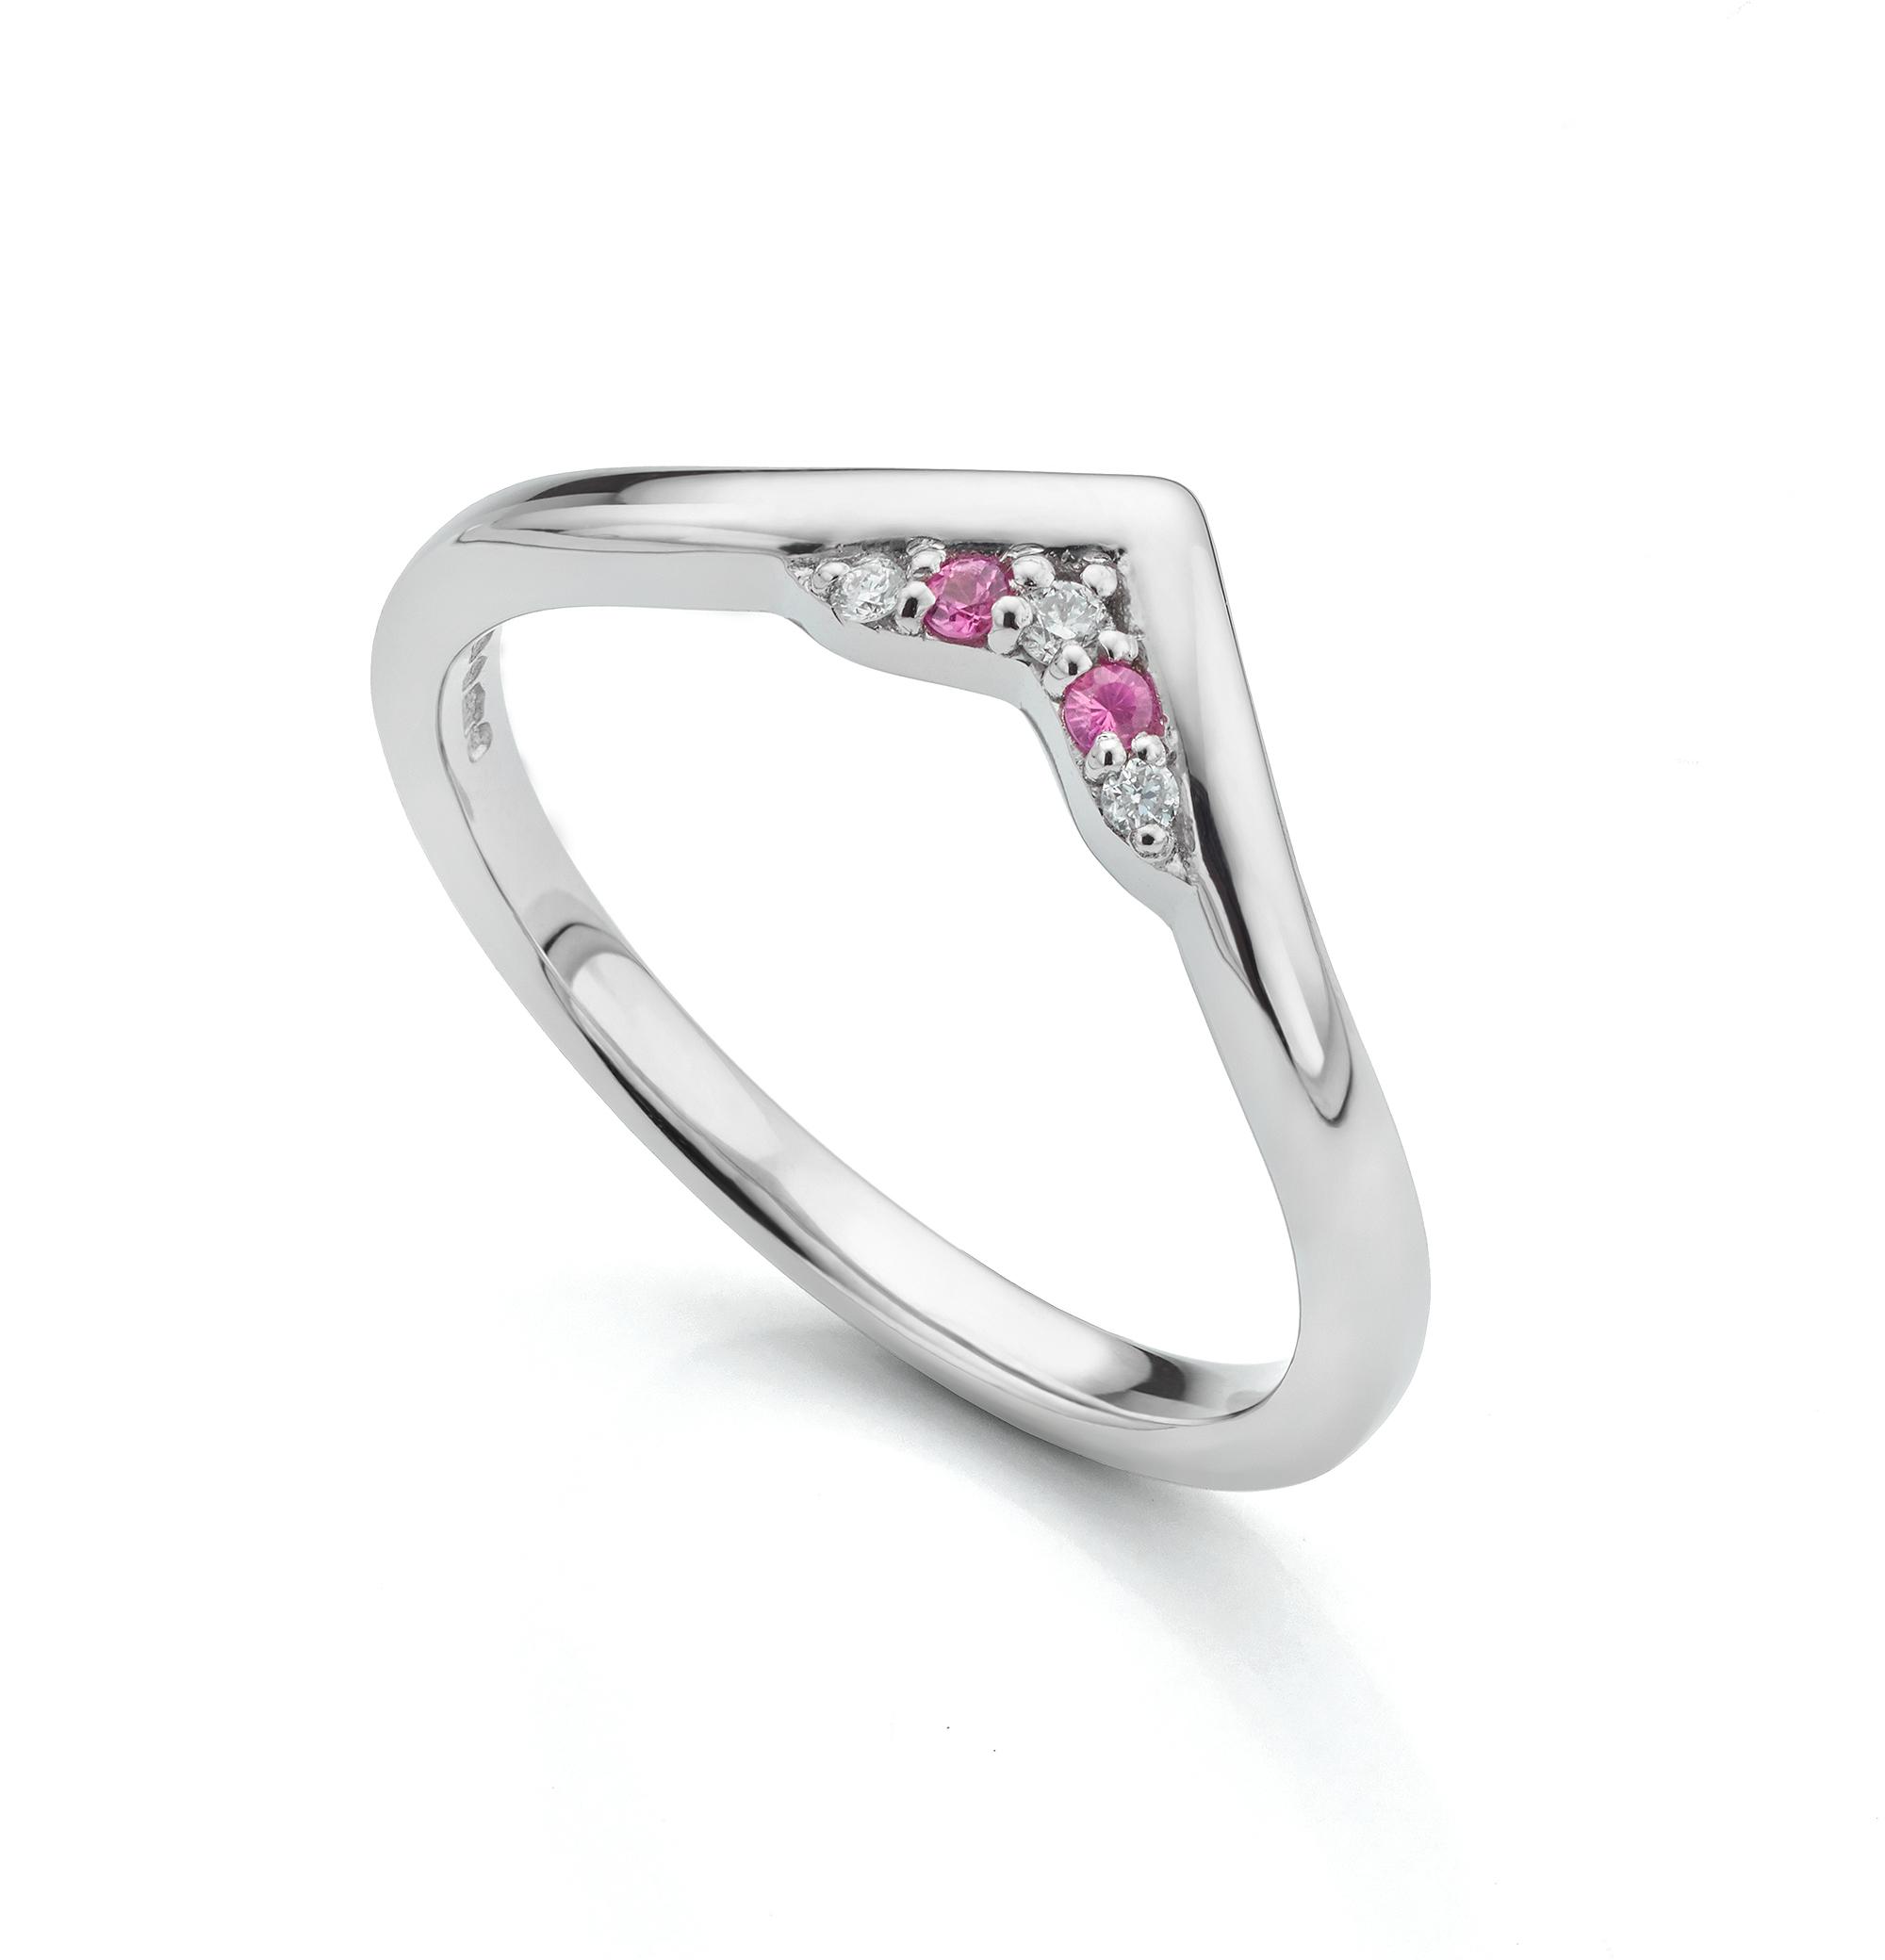 Pink Sapphire Bespoke Wedding Ring